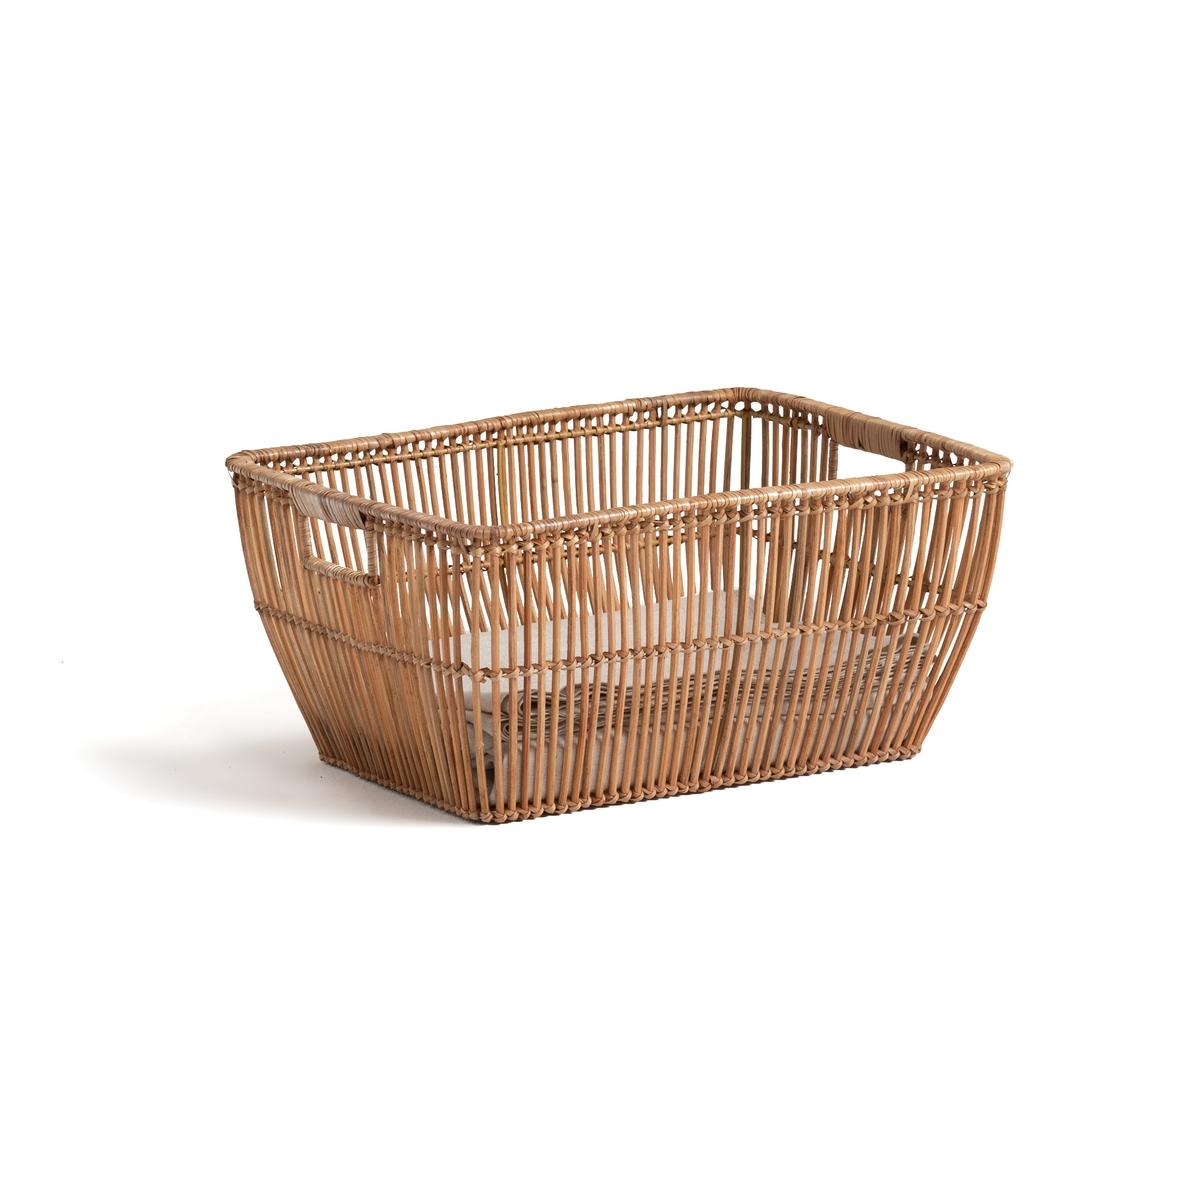 Корзина La Redoute Для белья из ротанга ДxВсм Sentaku единый размер бежевый мебель из ротанга